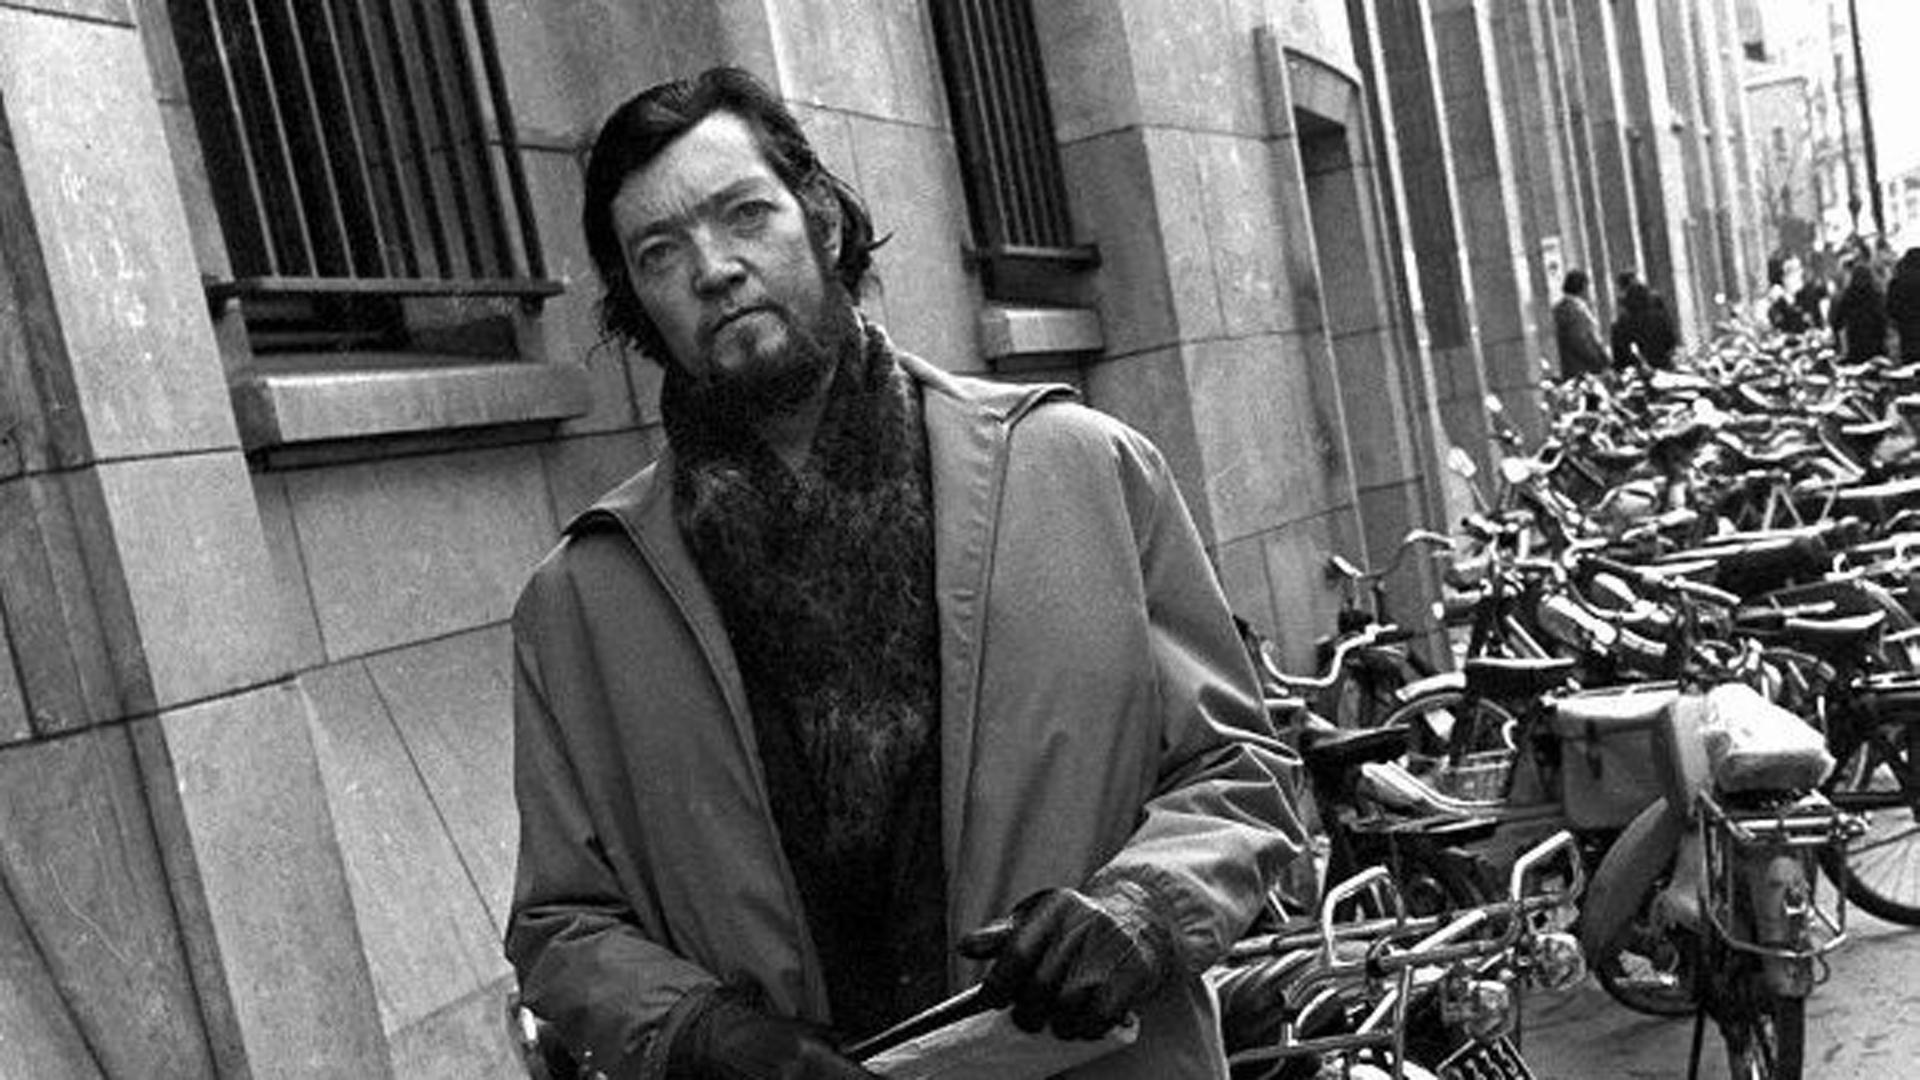 Julio Cortázar era todo un flâneur: un paseante callejero que gustaba recorrer las ciudades